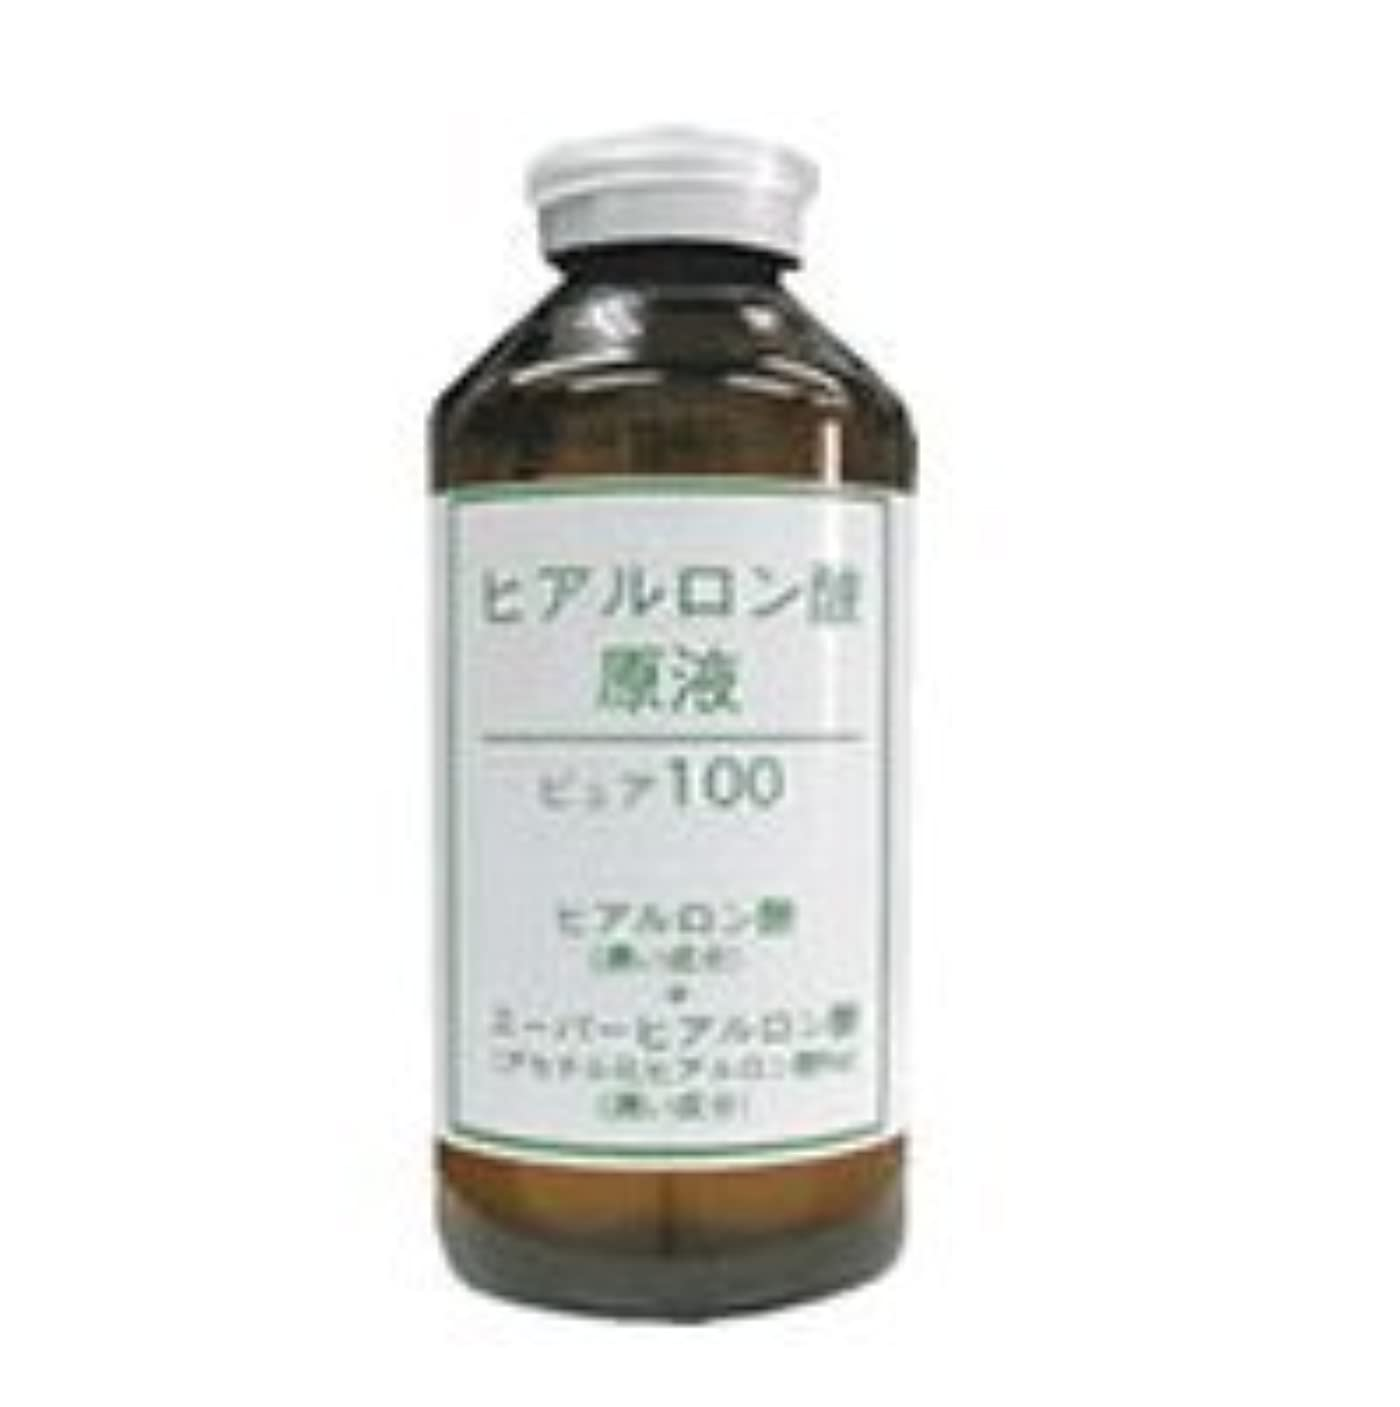 コロニアルどういたしまして一人でヒアルロン酸原液 ピュアエッセンス 55ml  ヒアルロン酸+スーパーヒアルロン酸